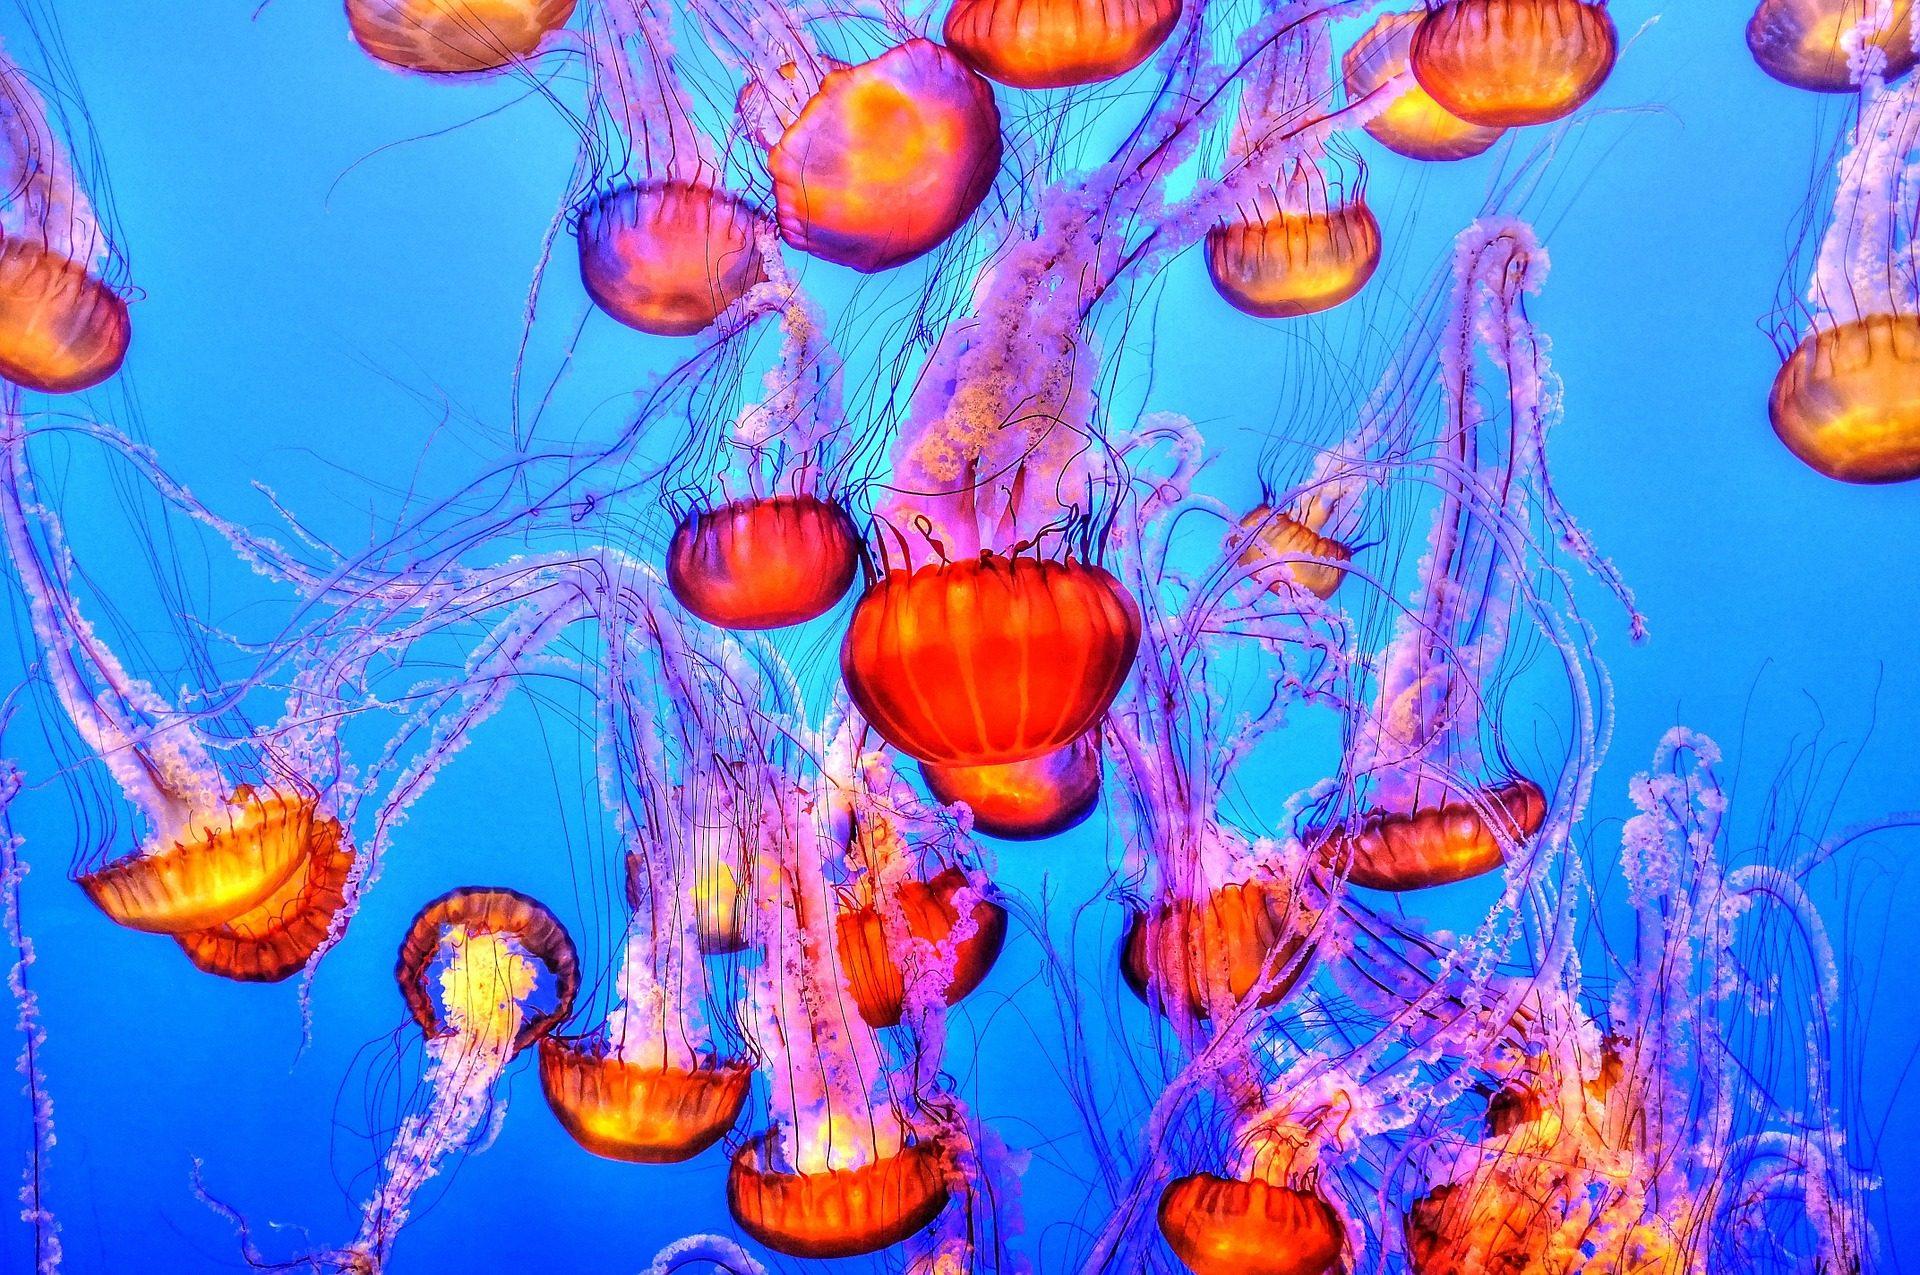 medusas, tentáculos, colorido, peligro, acuario - Fondos de Pantalla HD - professor-falken.com